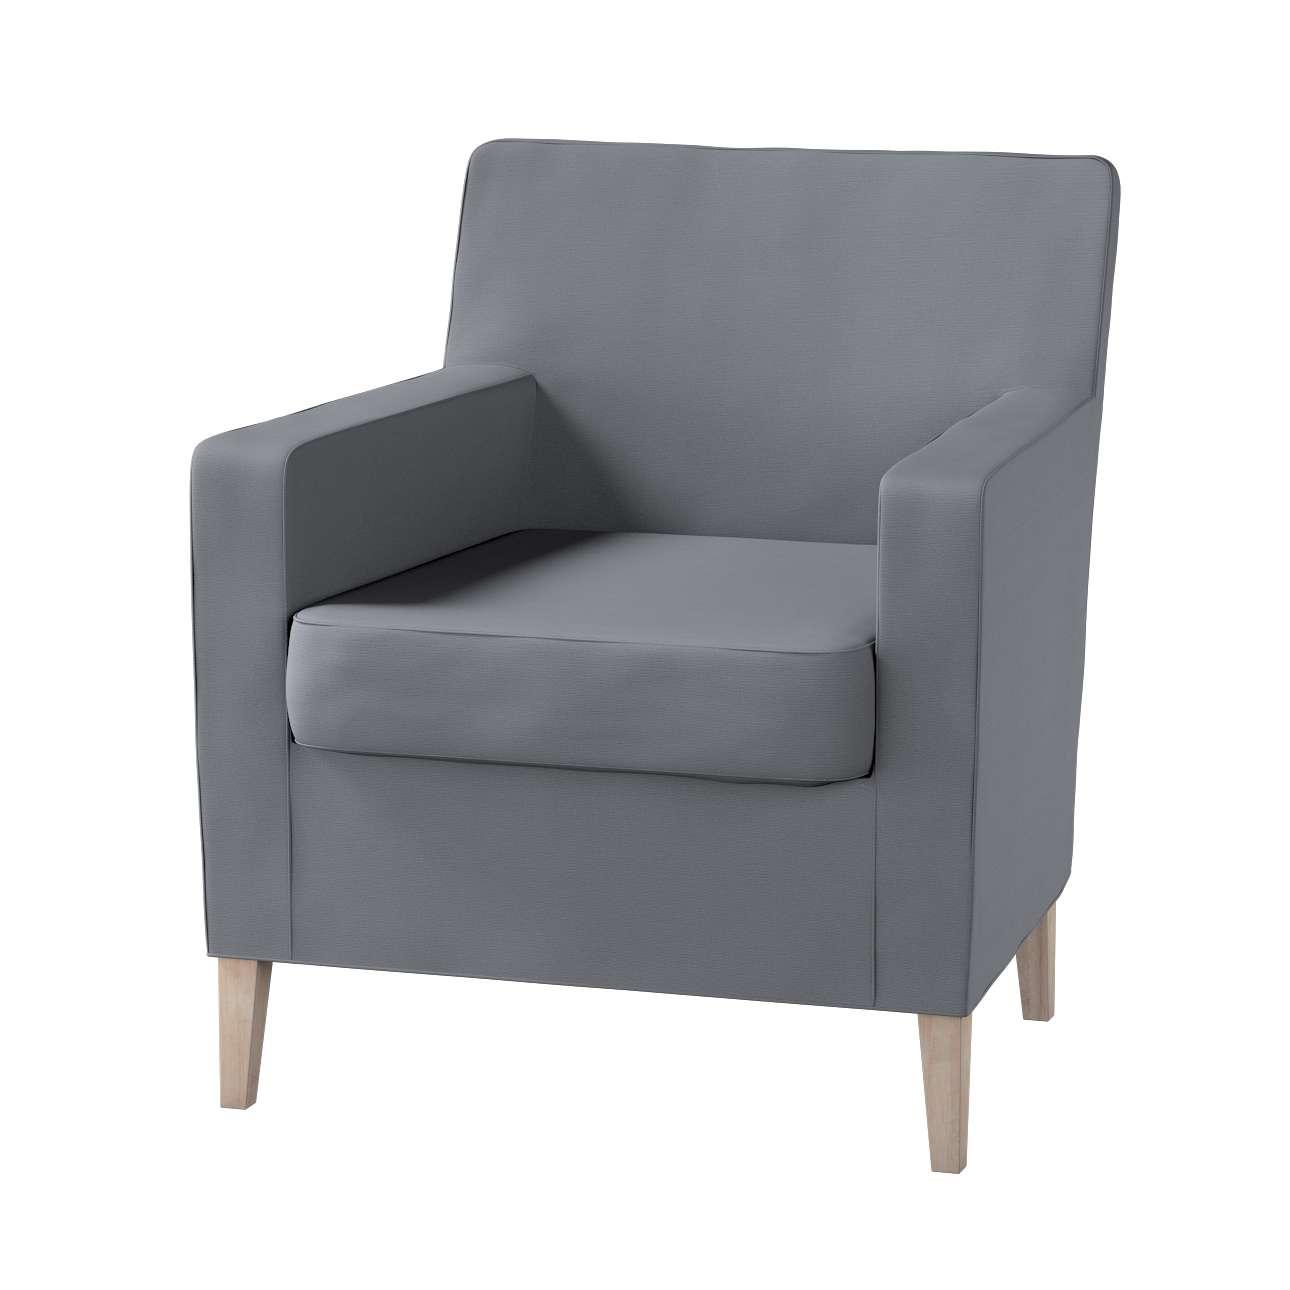 Karlstad fotelio-kėdės užvalkalas Karlstad fotelio - kėdės užvalkalas kolekcijoje Cotton Panama, audinys: 702-07